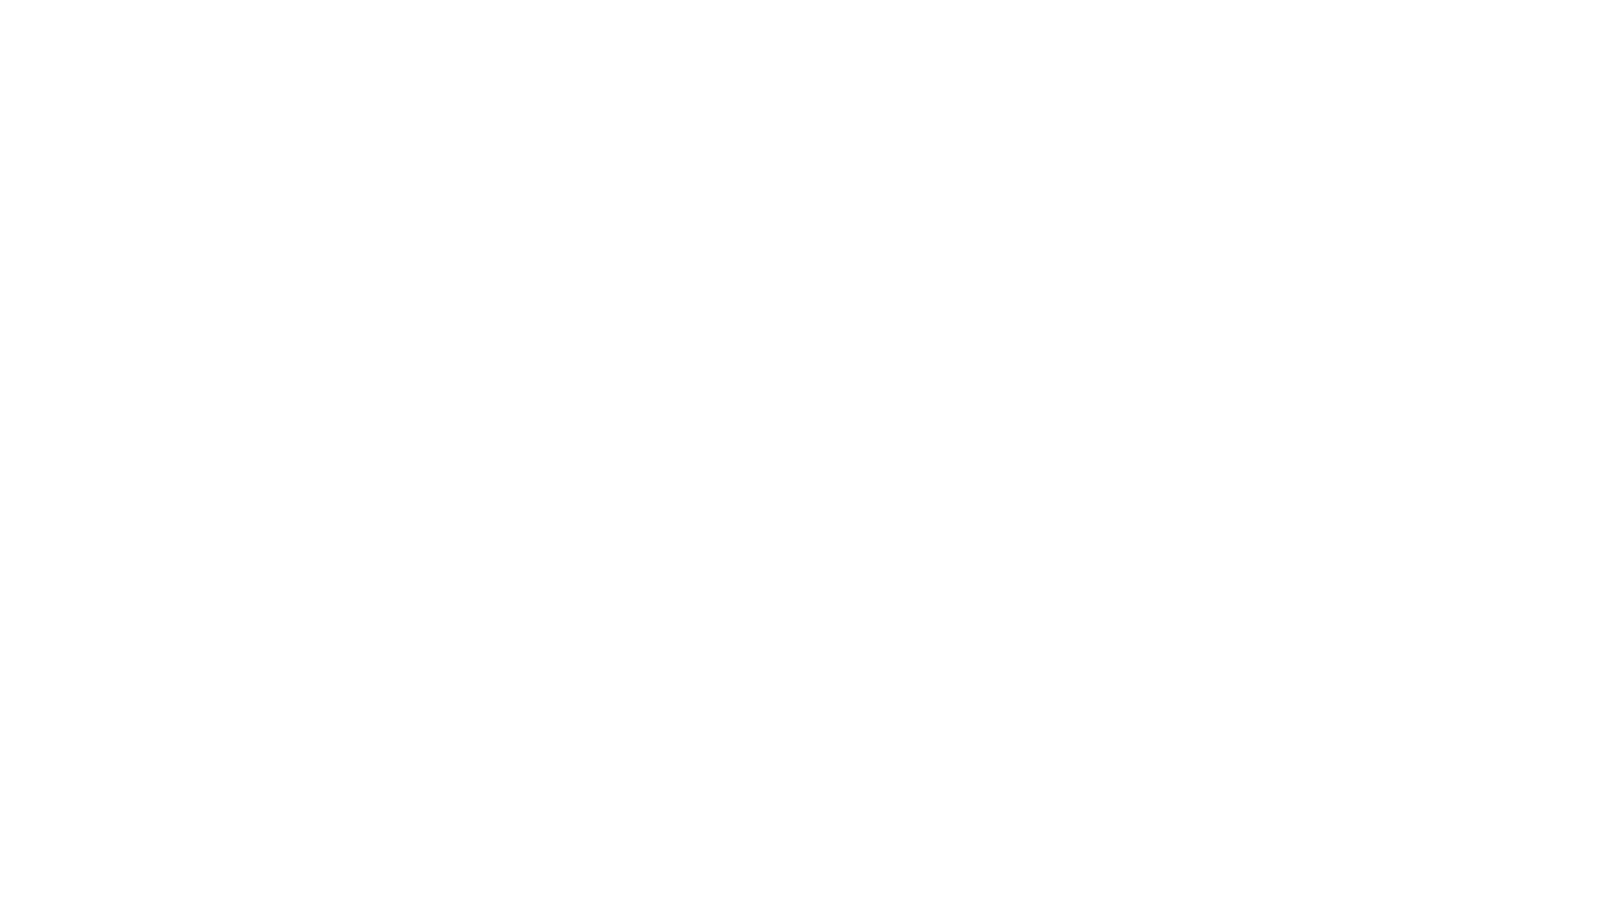 Dopo alcune lamentele di sanlazzaresi sulla continua chiusura del ponte sull'Idice (era stato chiuso a novembre) mi sono recato in loco con l'amico Roberto Amato FdI San Lazzaro.  In quei pochi minuti in cui siamo stati lì abbiamo visto cicloamatori che scavalcavano il ponte per continuare il percorso ciclopedonale attraverso il parco.  Depositerò interrogazione per capire quali verifiche di stabilità siano state effettuate e quando il ponte riaprirà.